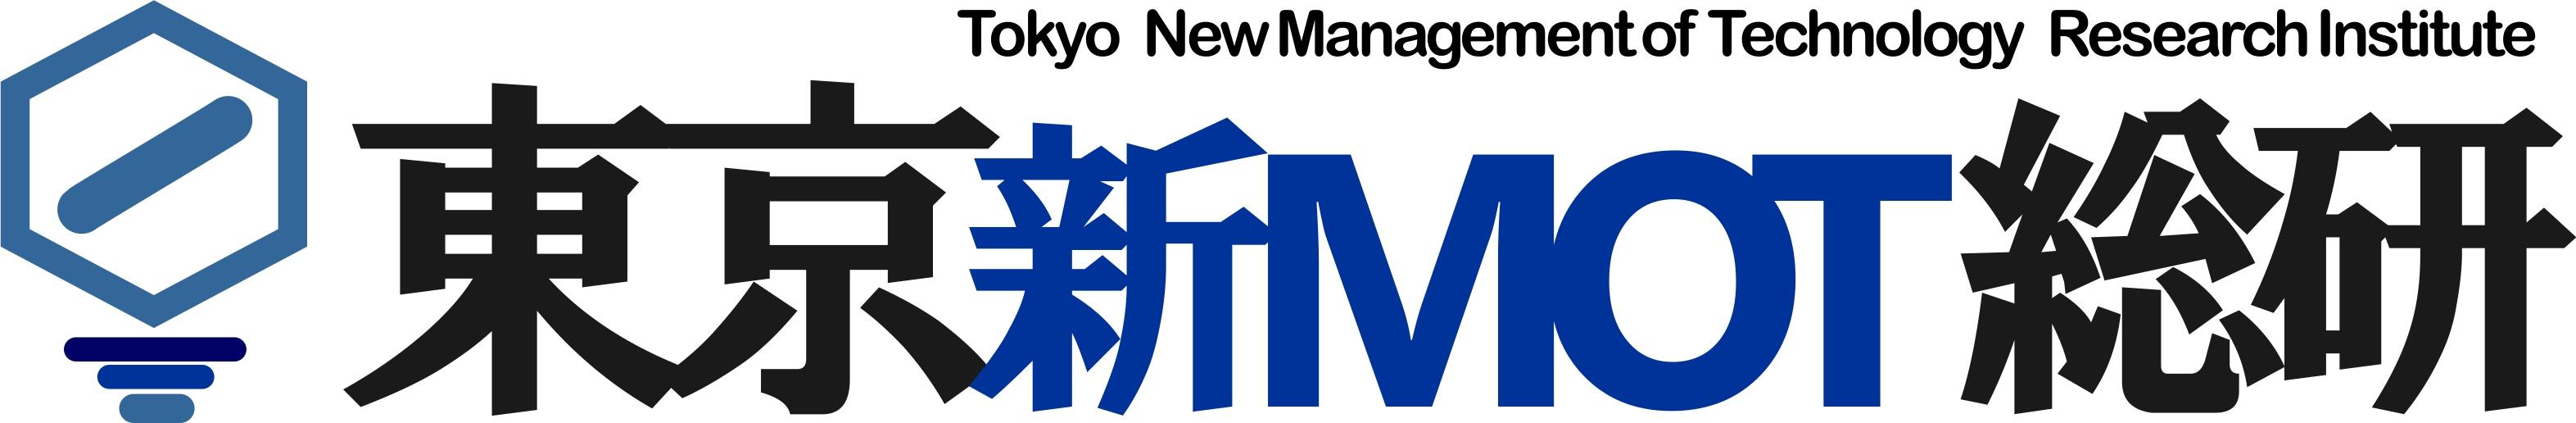 東京新技術経営総合研究所